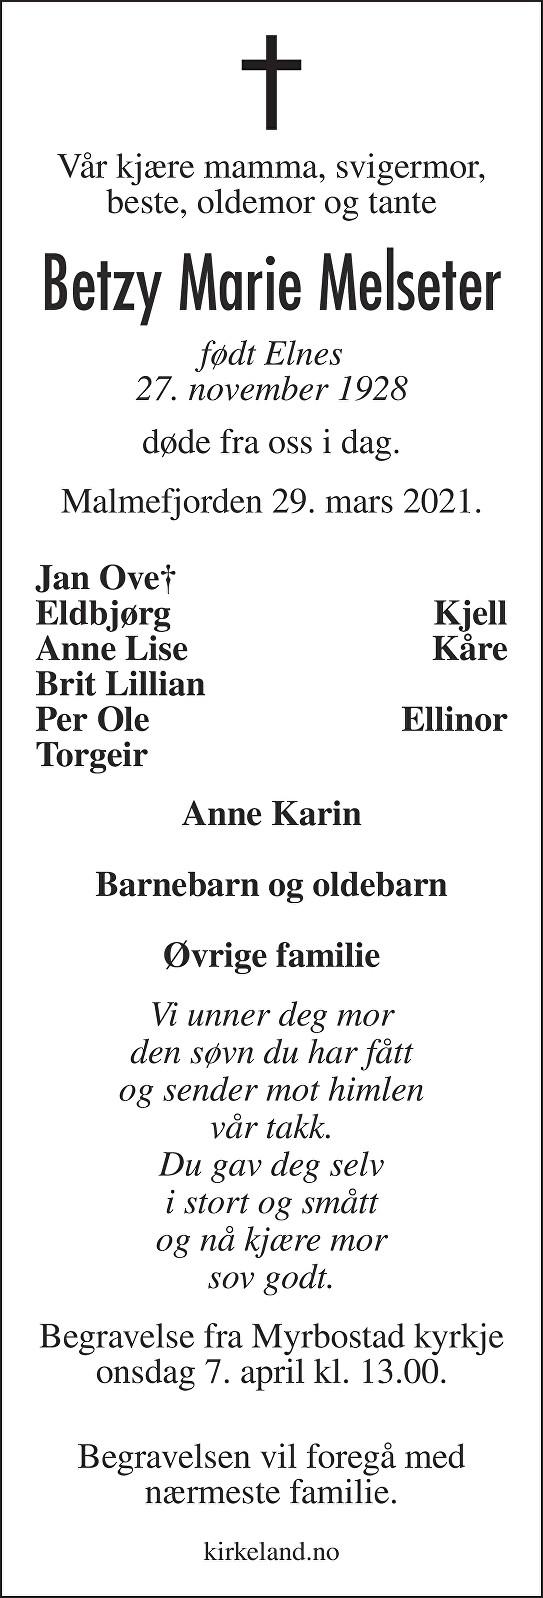 Betzy Marie Melseter Dødsannonse